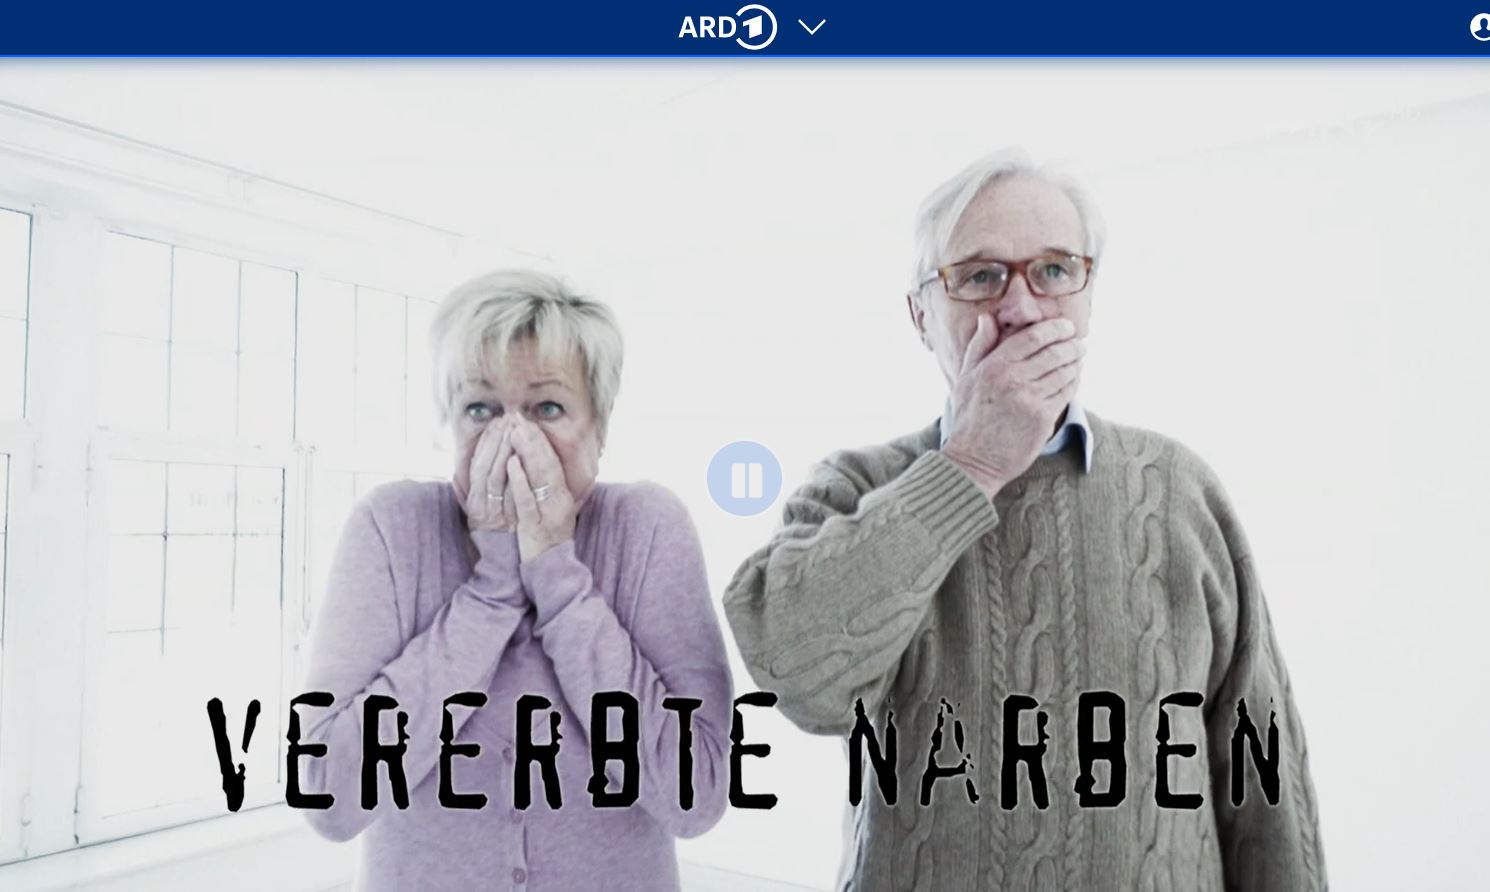 MDR-Doku: Vererbte Narben